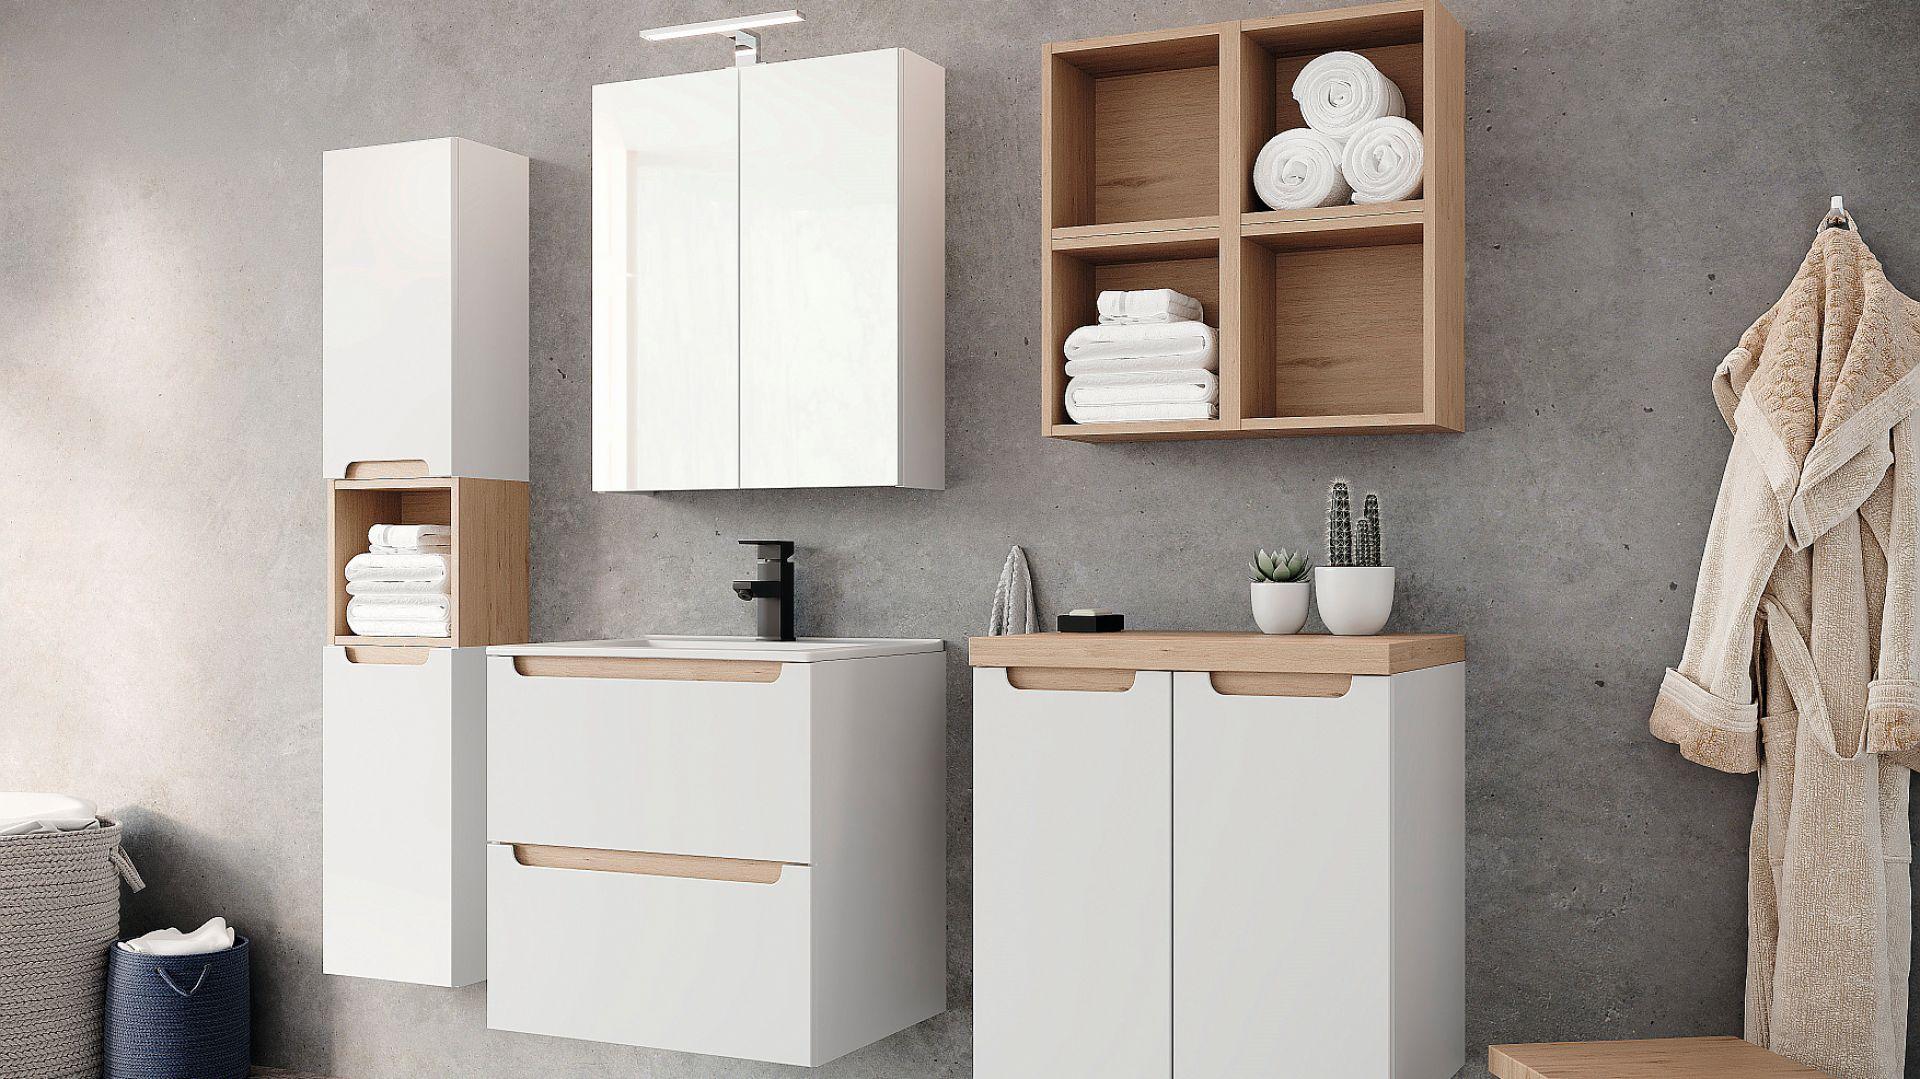 Stilla – modułowe meble łazienkowe, które można dowolnie zestawiać i łączyć z blatem, dopasowując je nawet do małych łazienek. Szuflady i drzwi wyposażone w system cichego domykania i prowadnice z pełnym wysuwem. Fot. Ø NAS